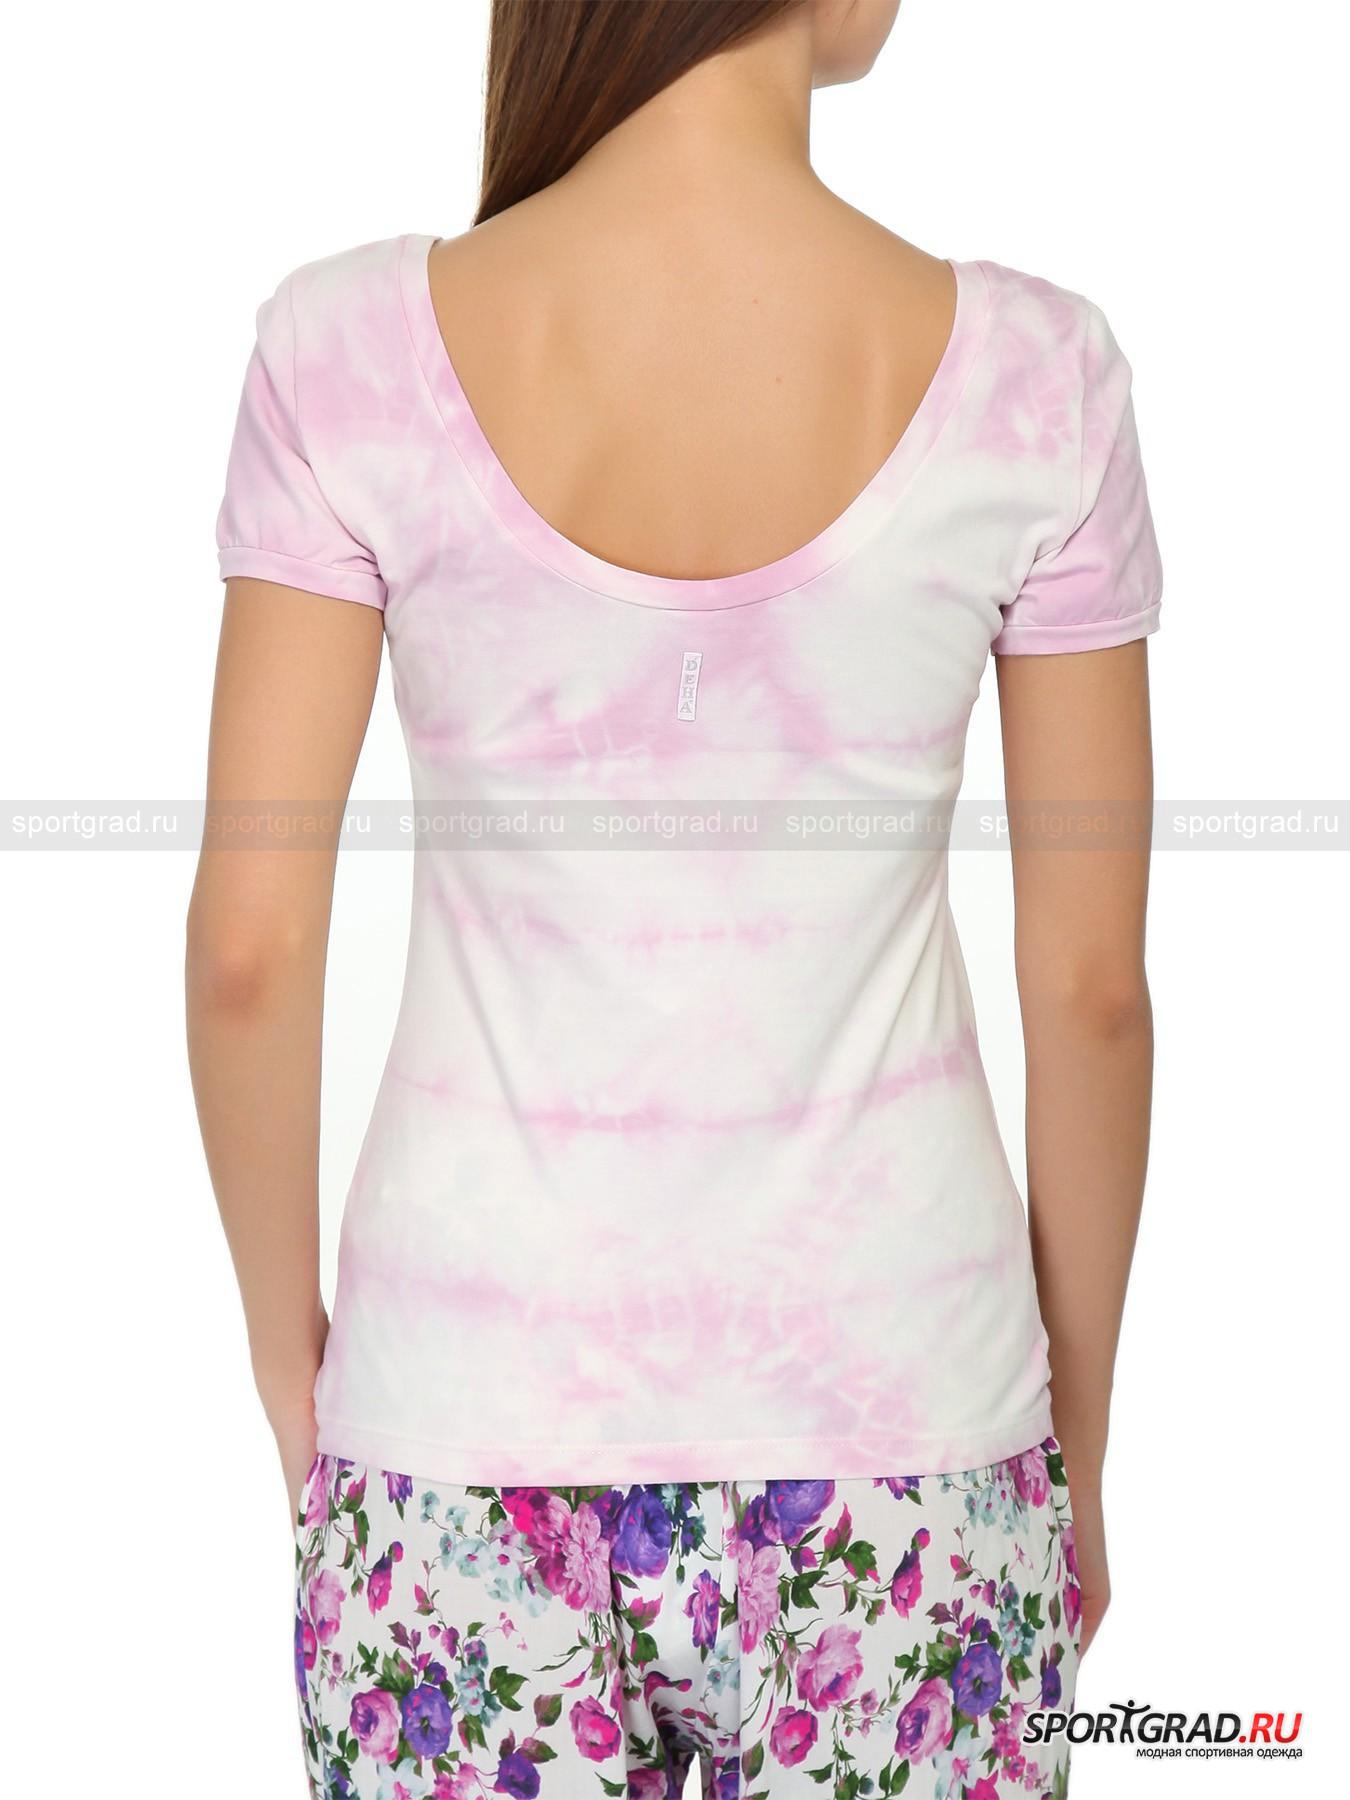 Футболка женская T-shirt DEHA с вырезом на спине от Спортград